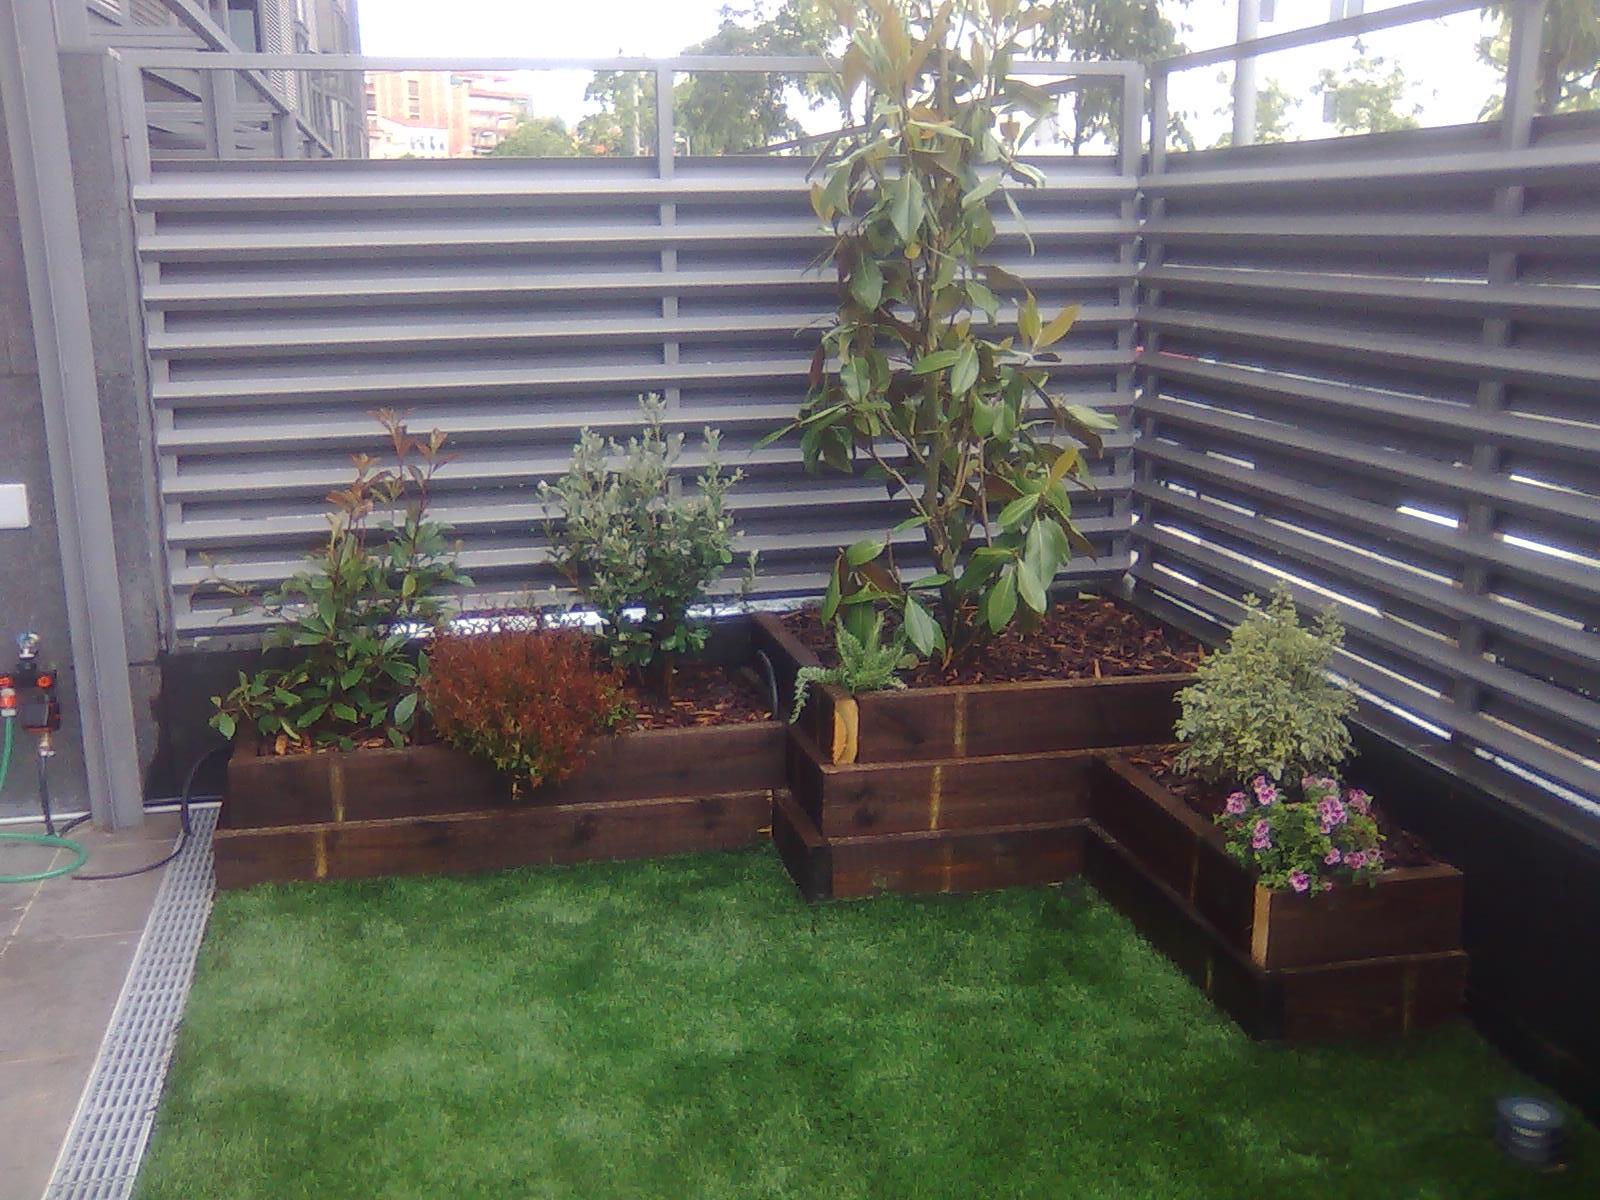 Jardineria paisajes dise o y construccion de jardines - Jardineras baratas online ...